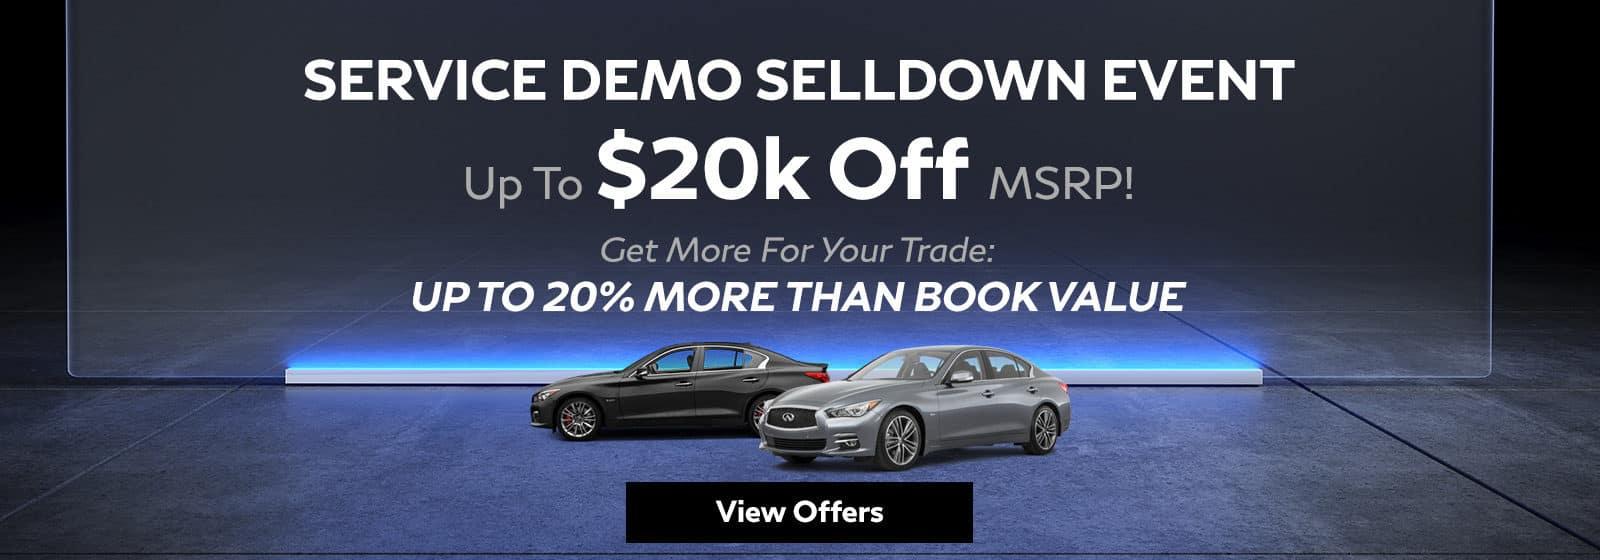 Service Demo Selldown Event